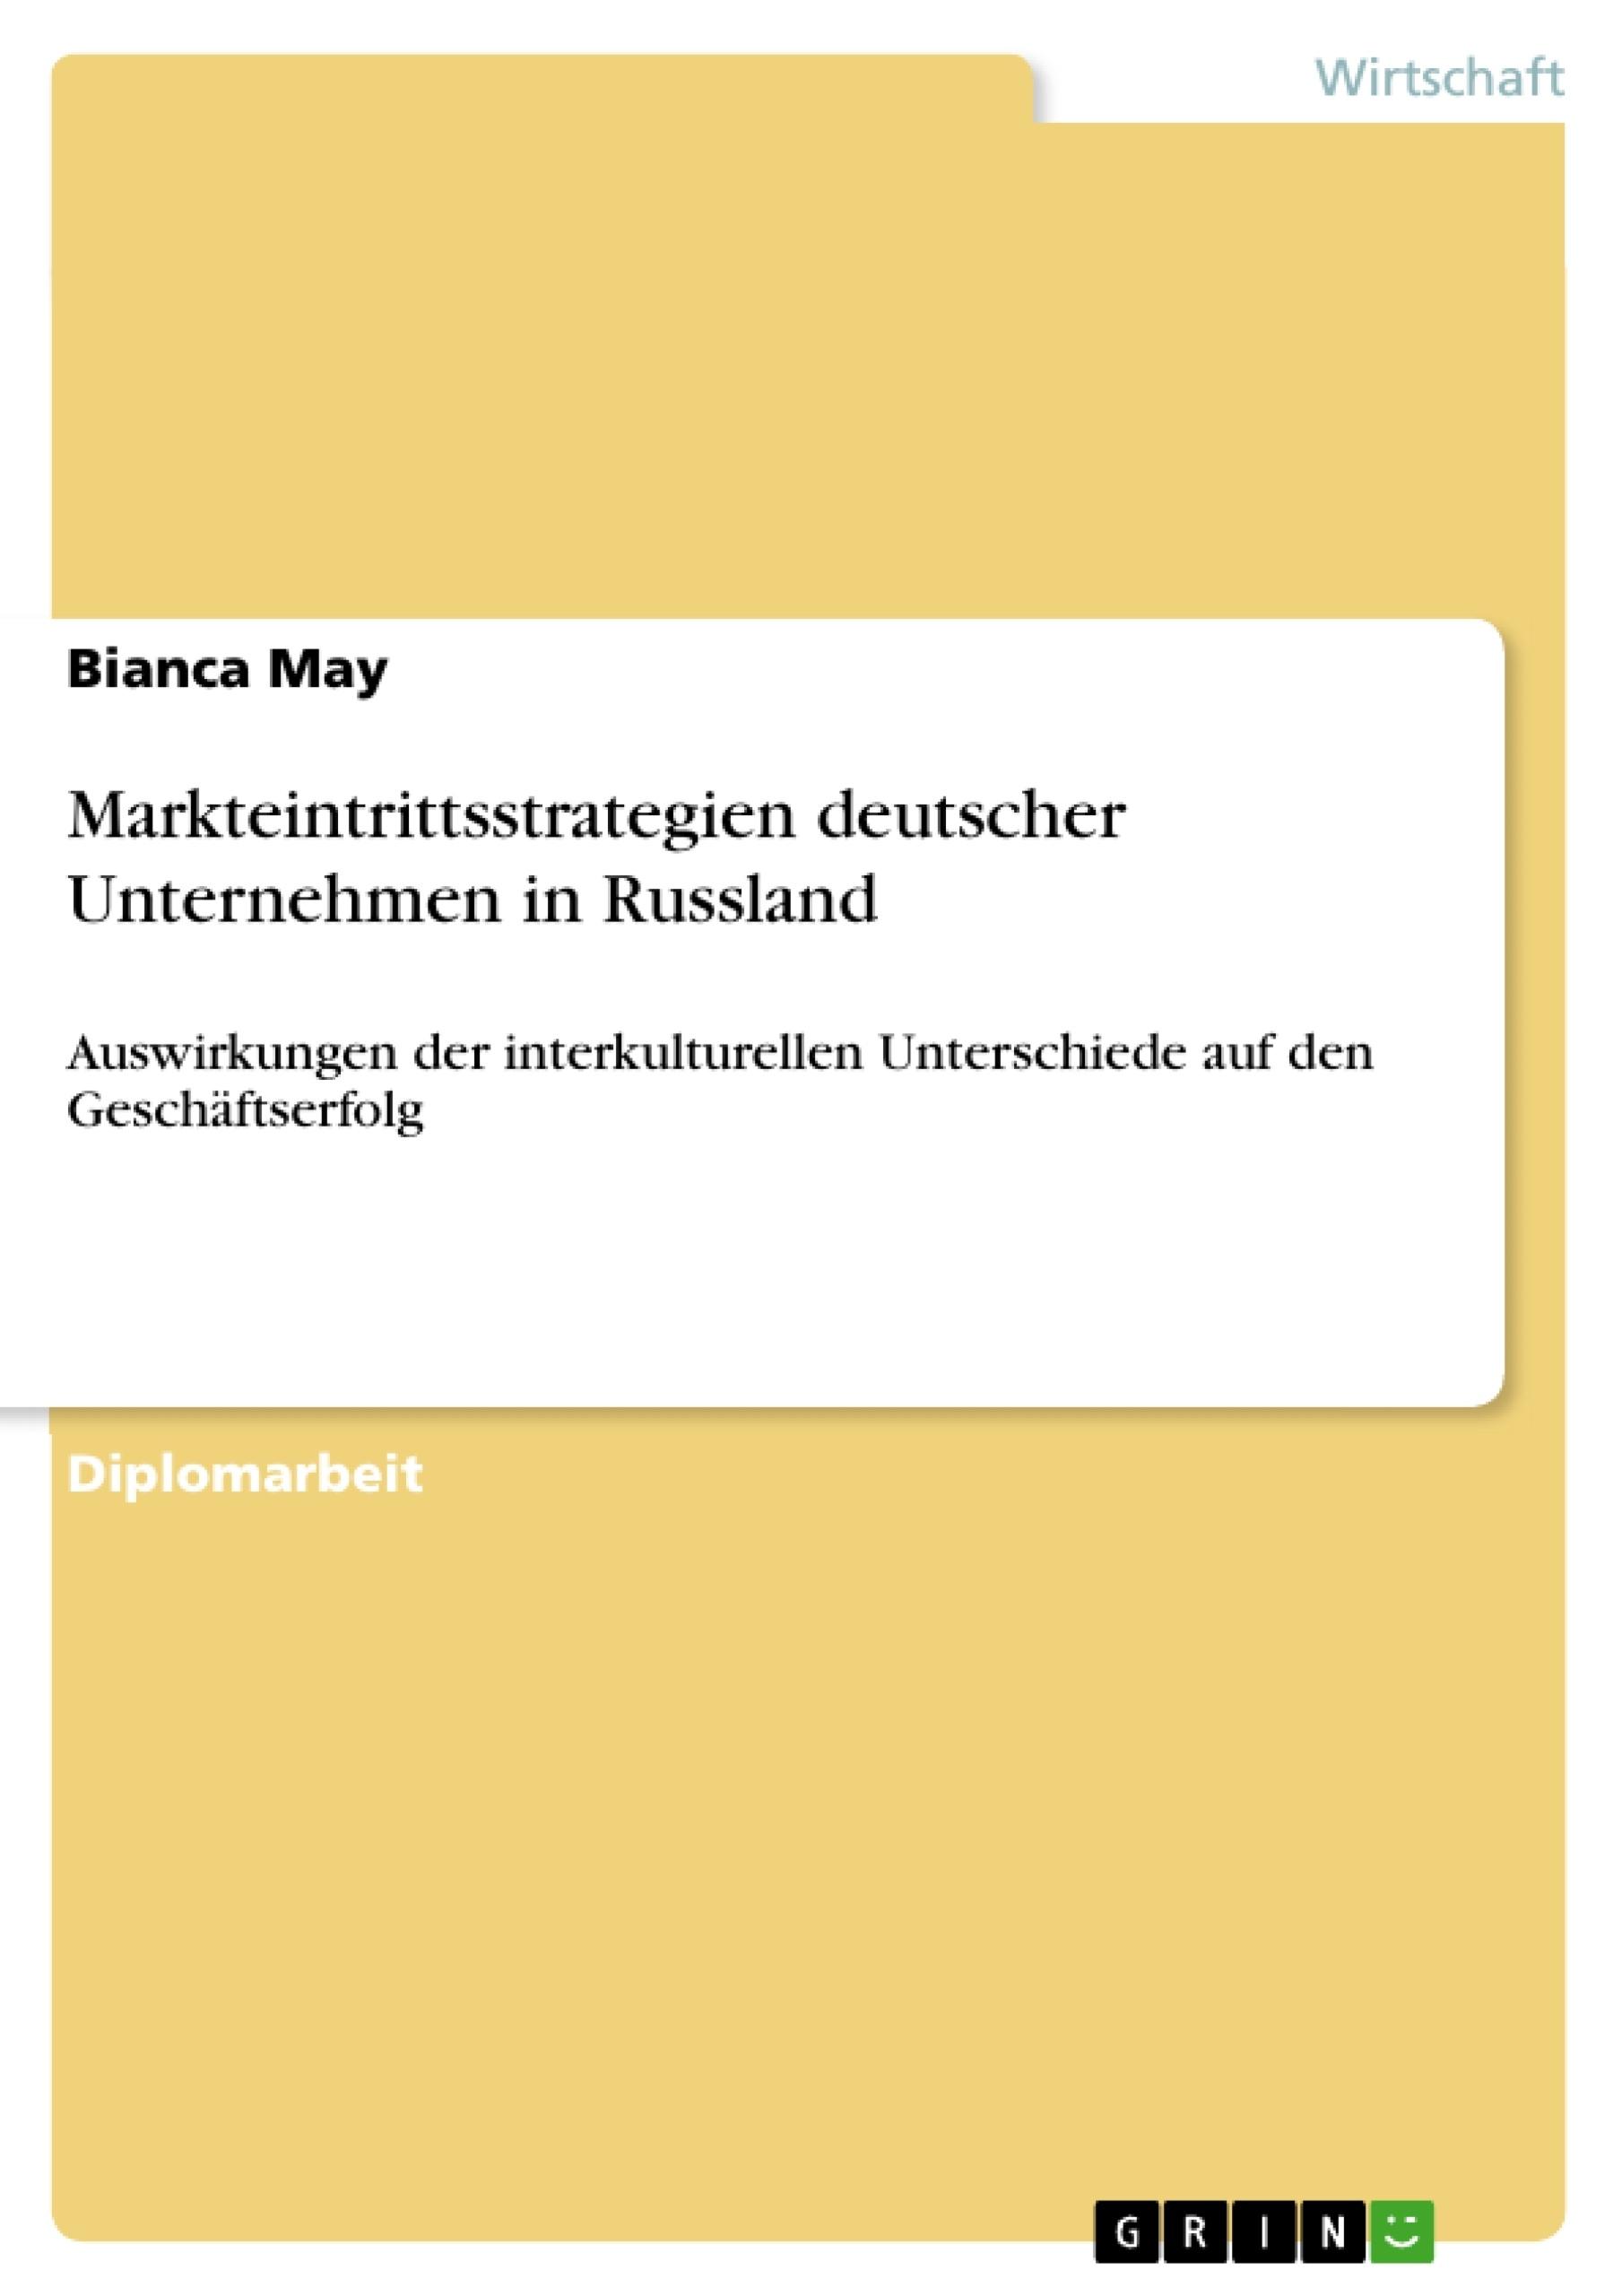 Titel: Markteintrittsstrategien deutscher Unternehmen in Russland